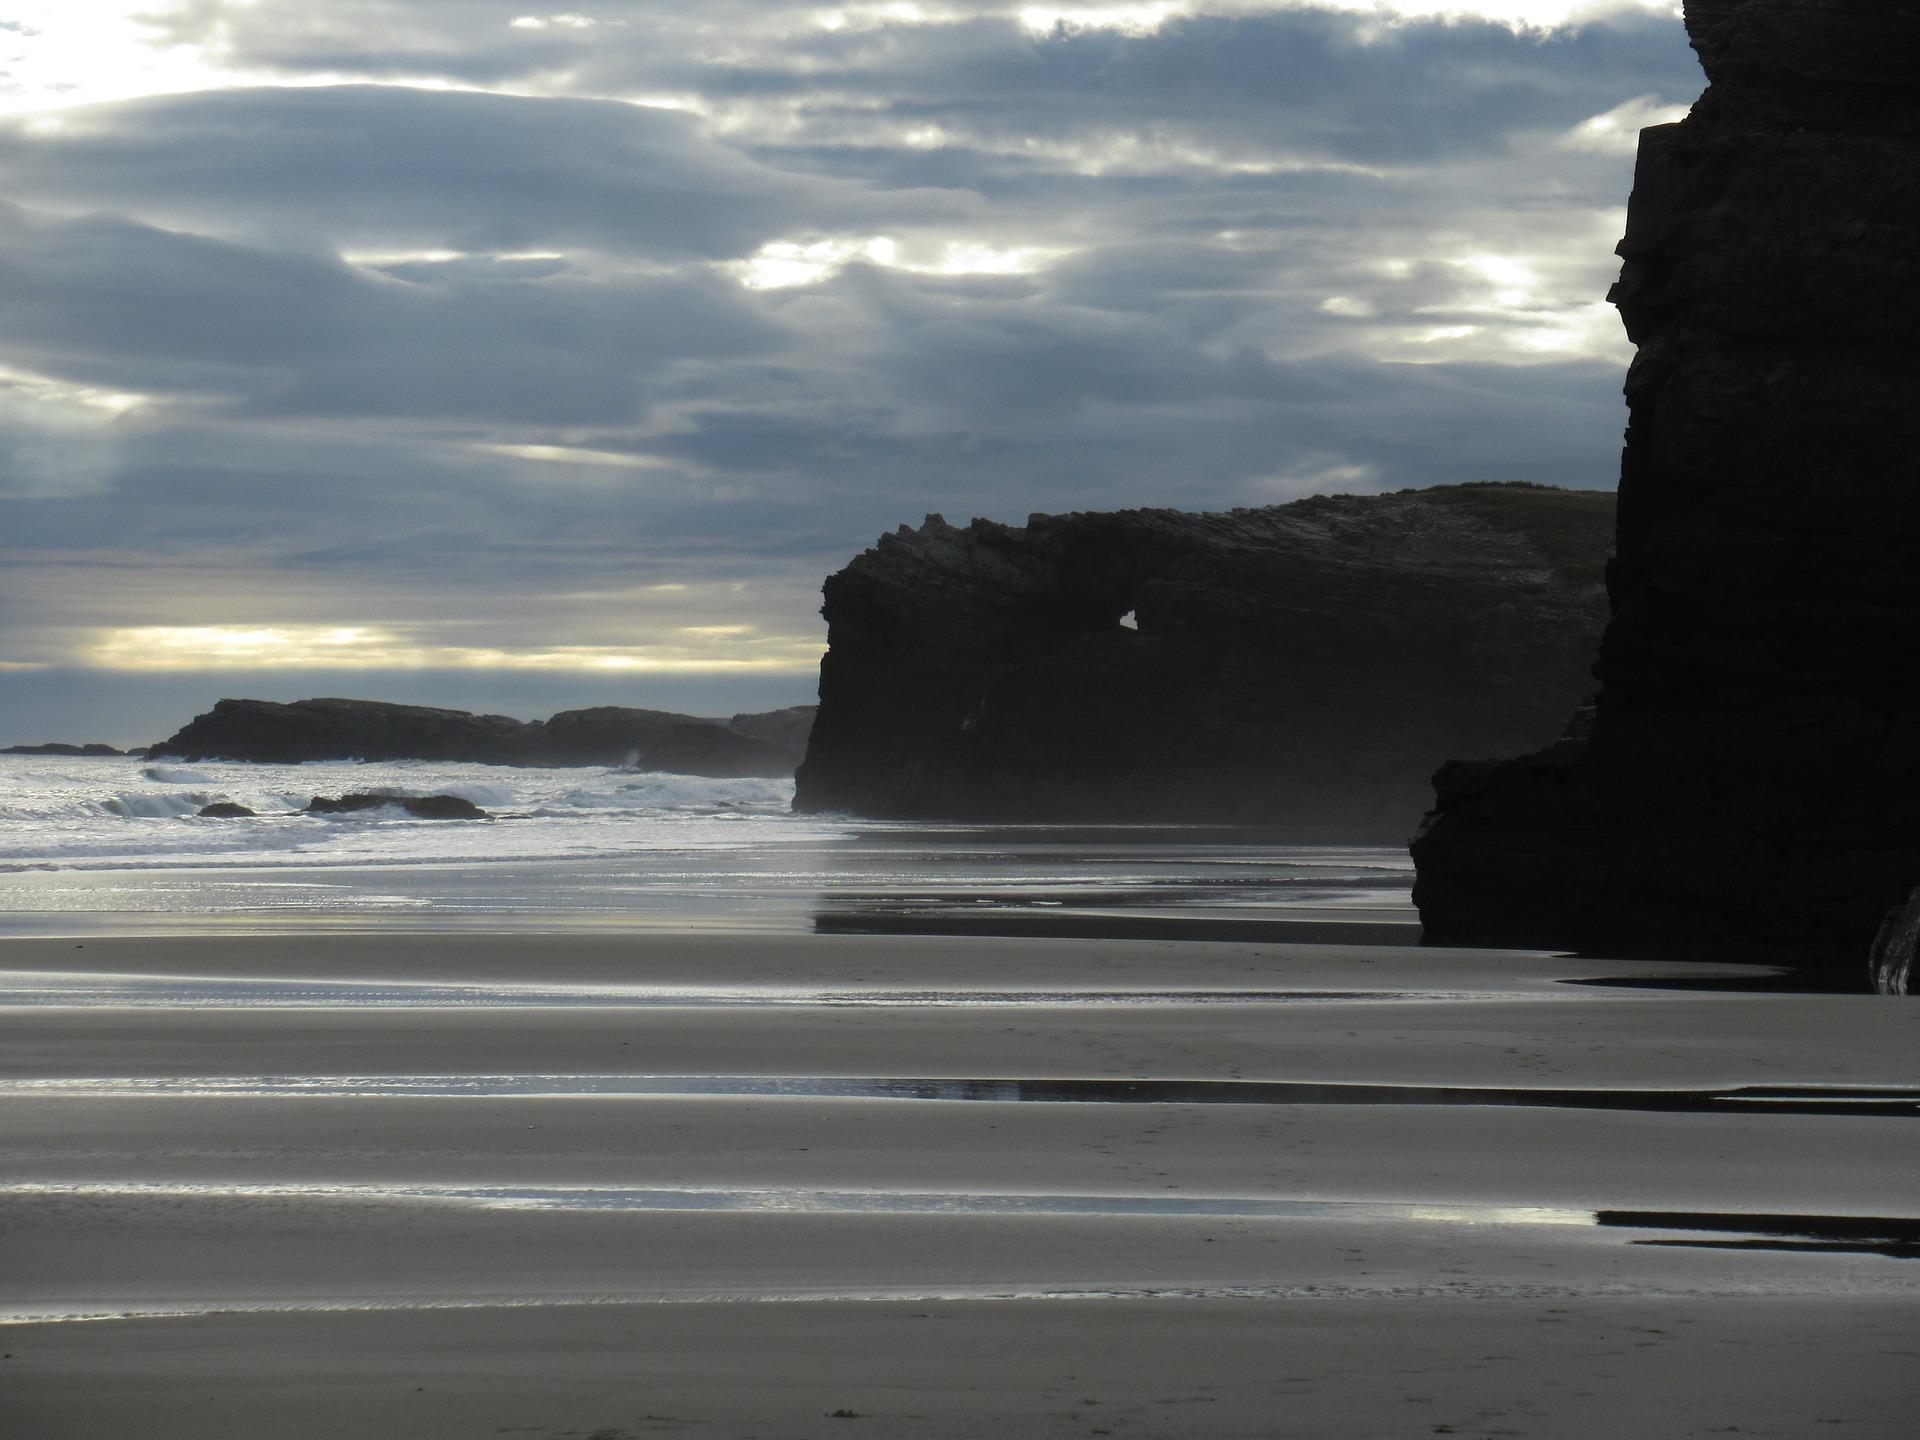 playa de las catedrales - Galicia